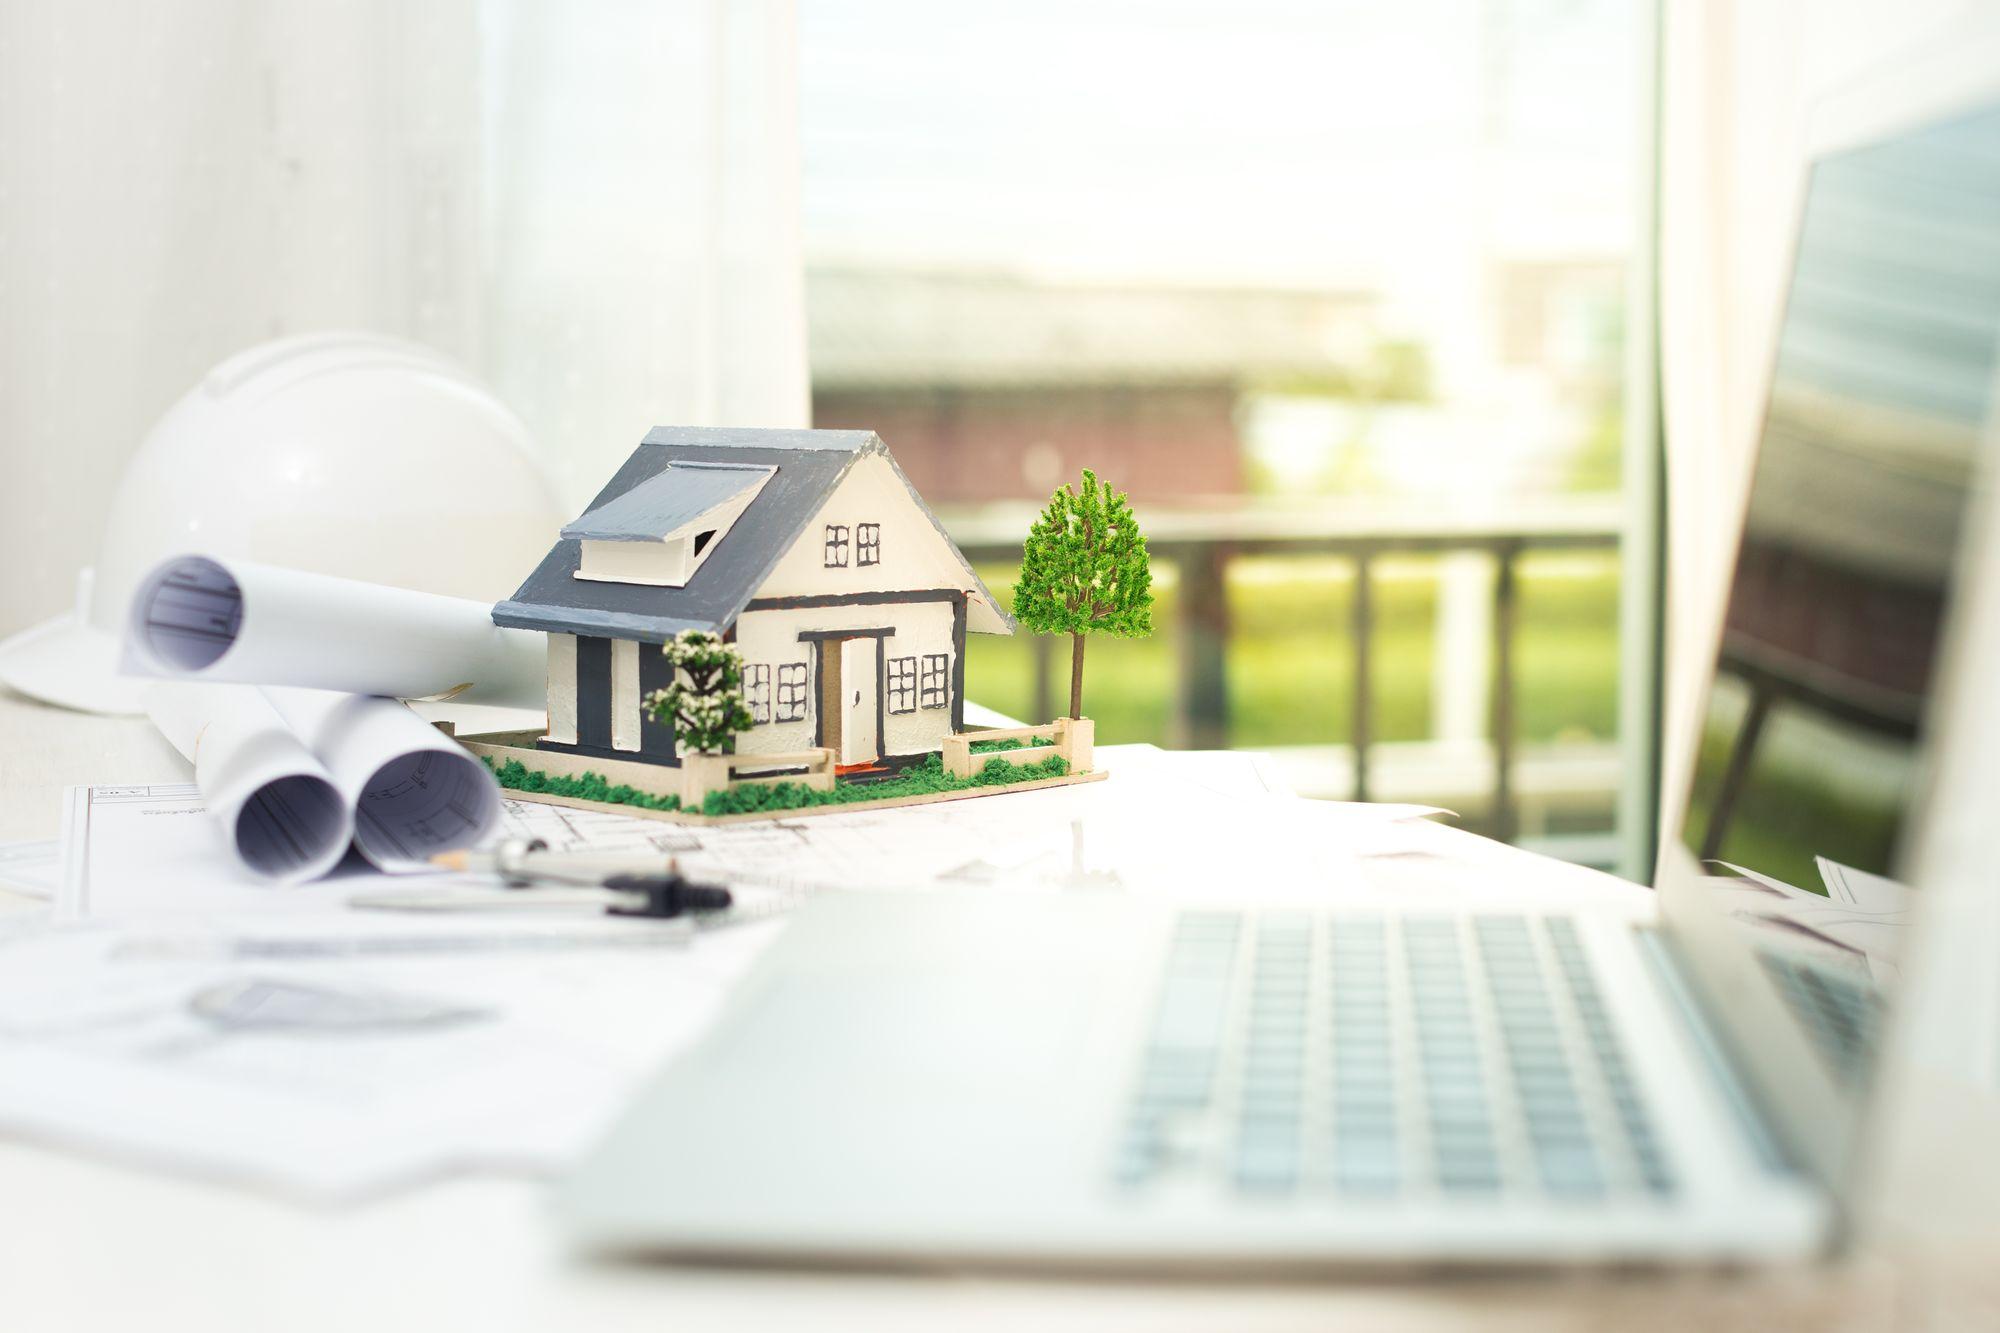 Model domu wraz z planami i laptopem